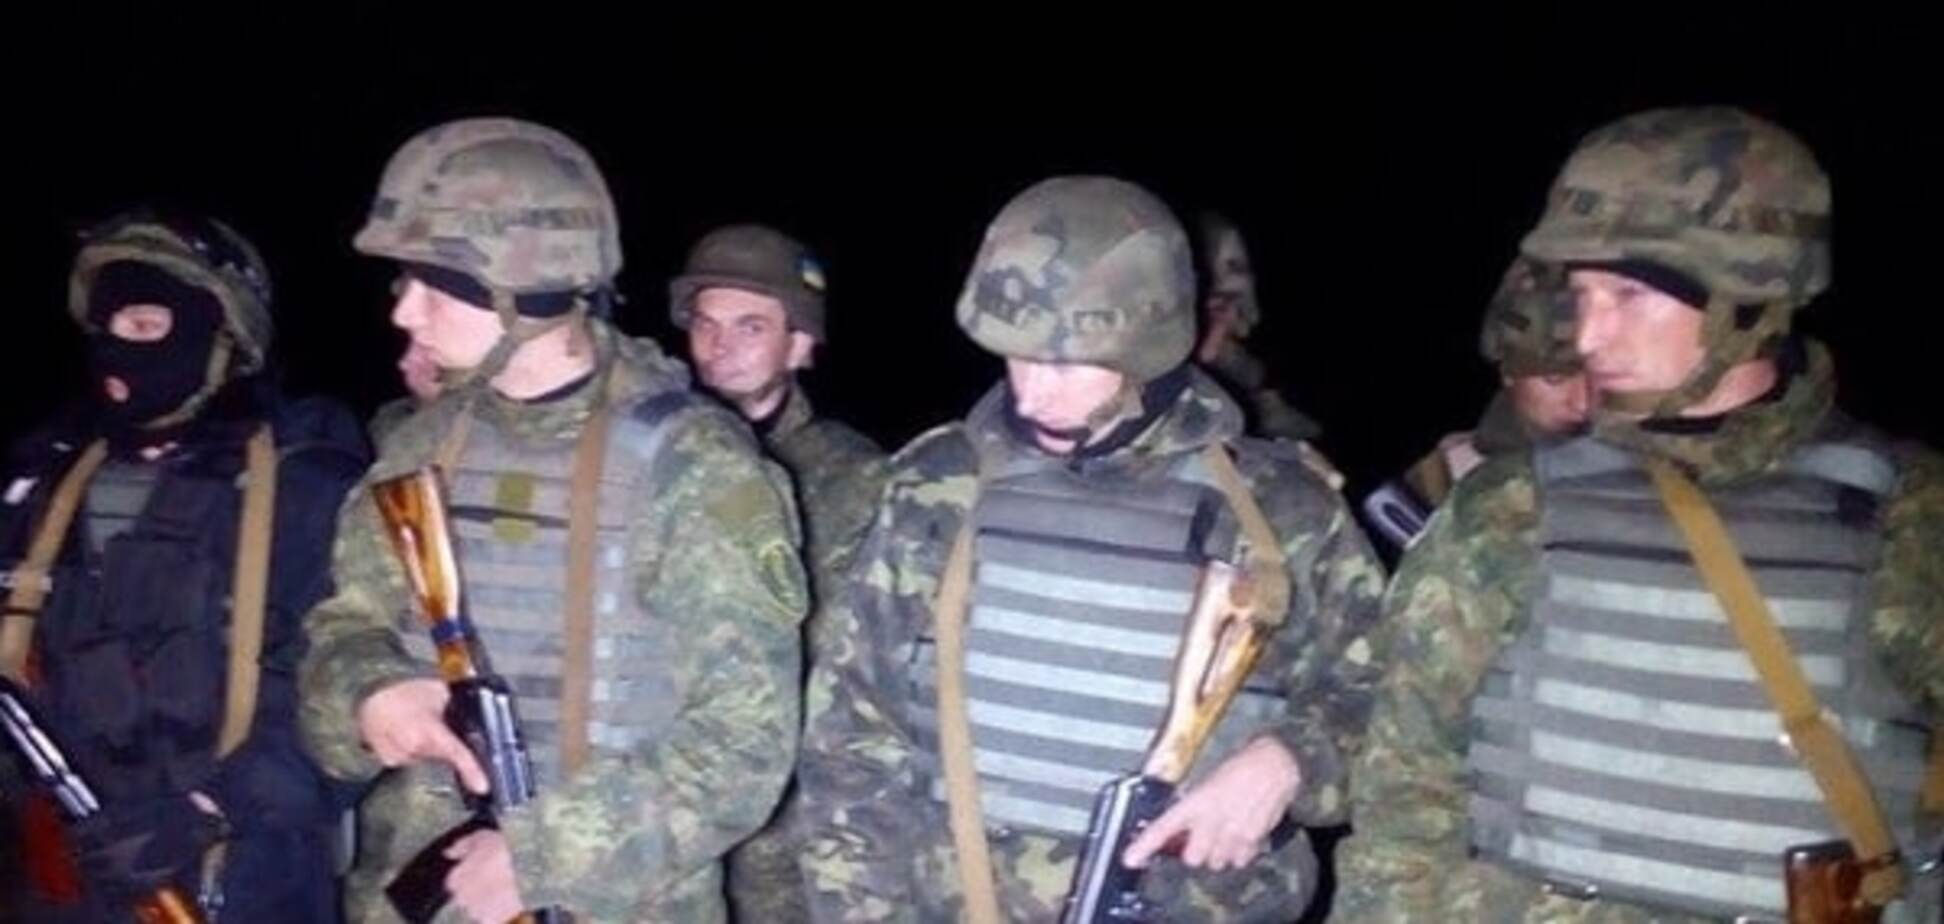 Поліція виступила із заявою про конфлікт на адмінкордоні з Кримом